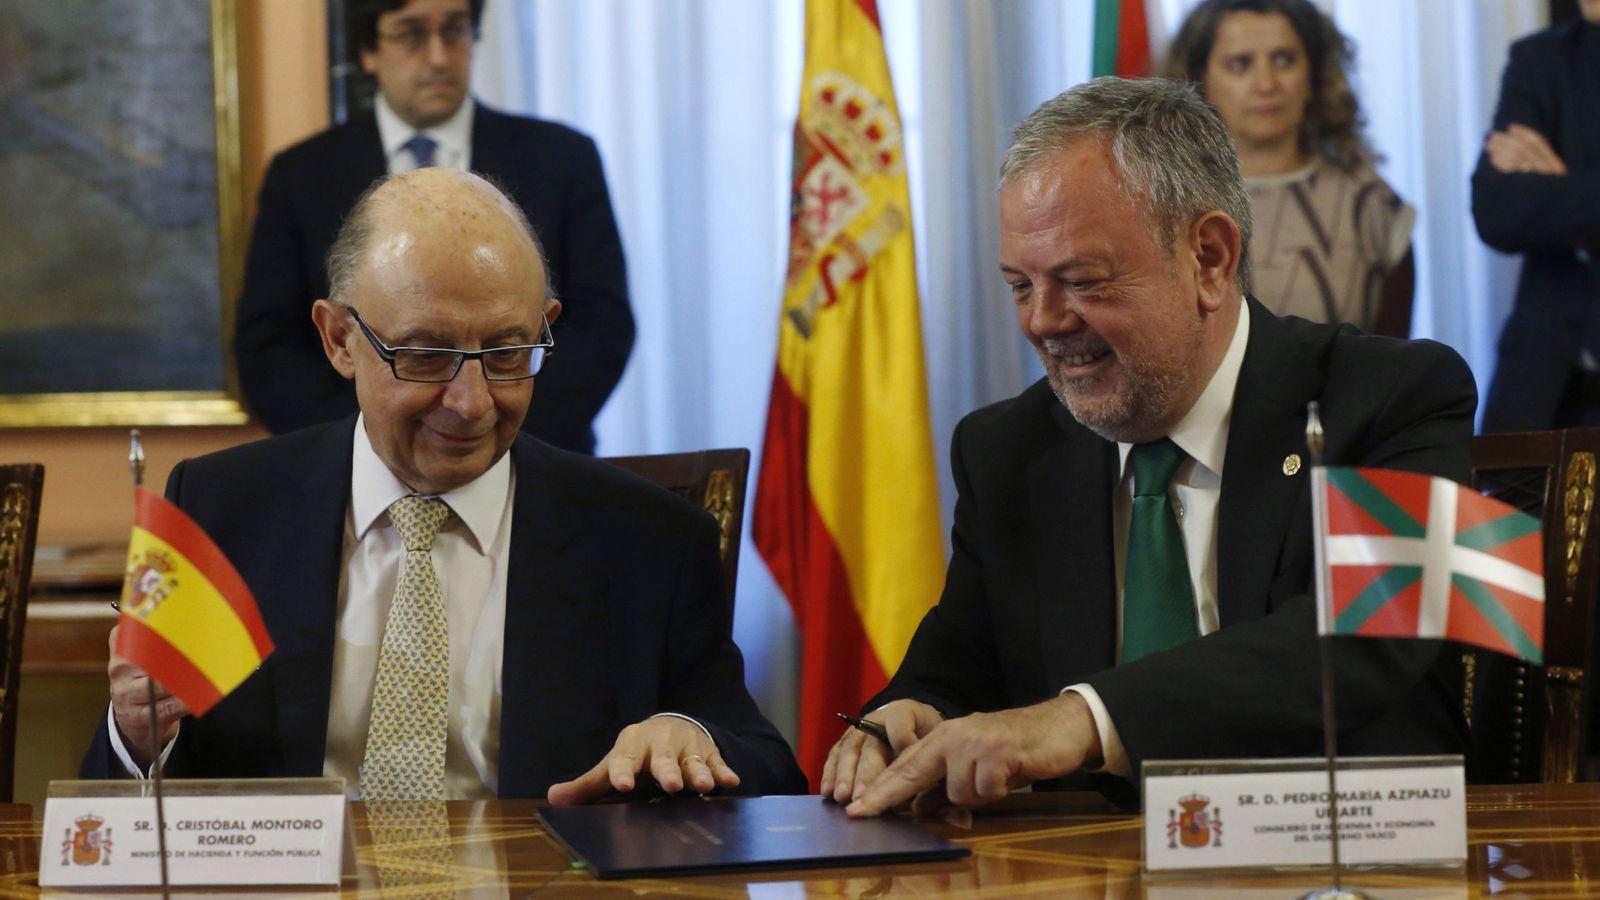 Foto: El ministro de Hacienda, Cristóbal Montoro, y el consejero de Economía y Hacienda vasco, Pedro Azpiazu, en la Comisión Mixta. (EFE)